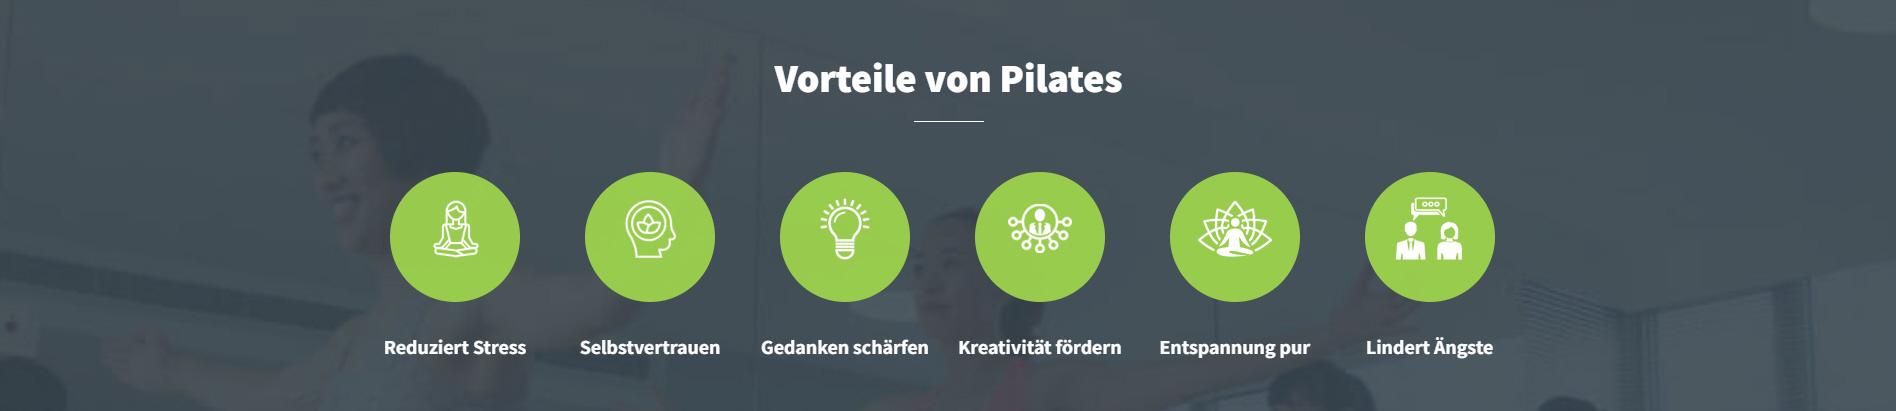 Vorteile von Pilates